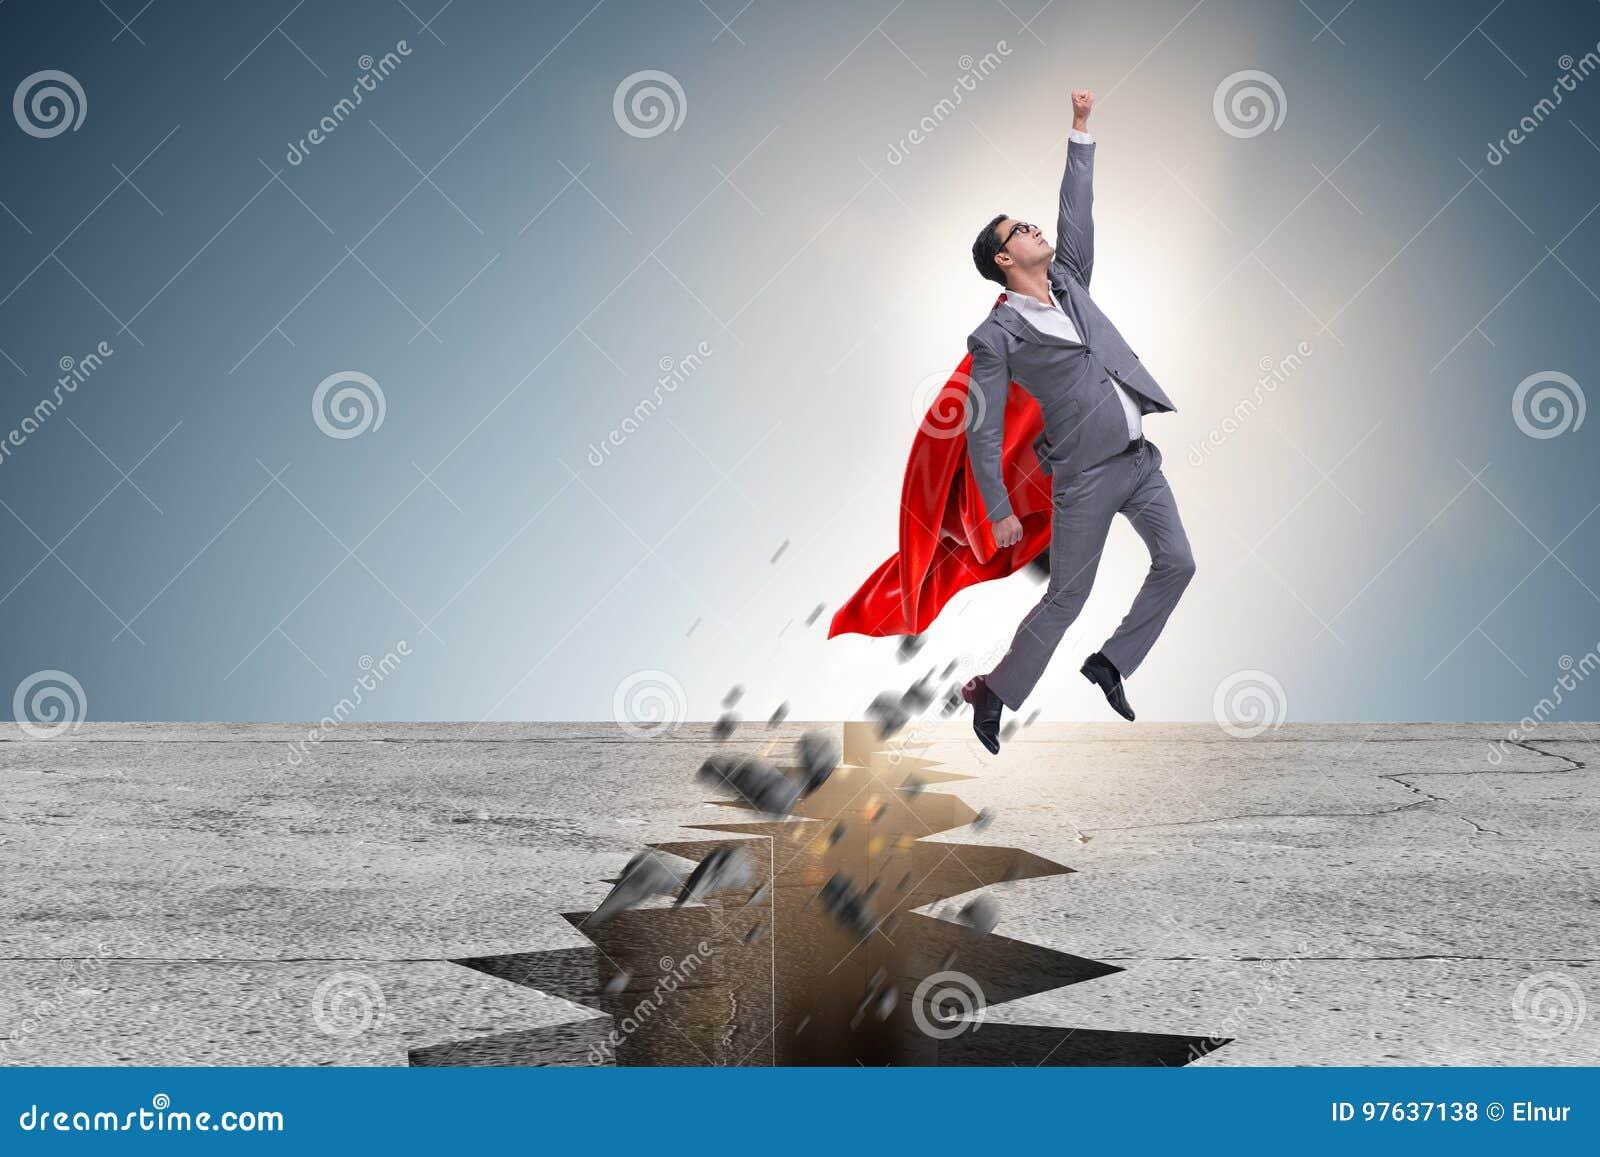 逃脱从困难的情况的超级英雄商人